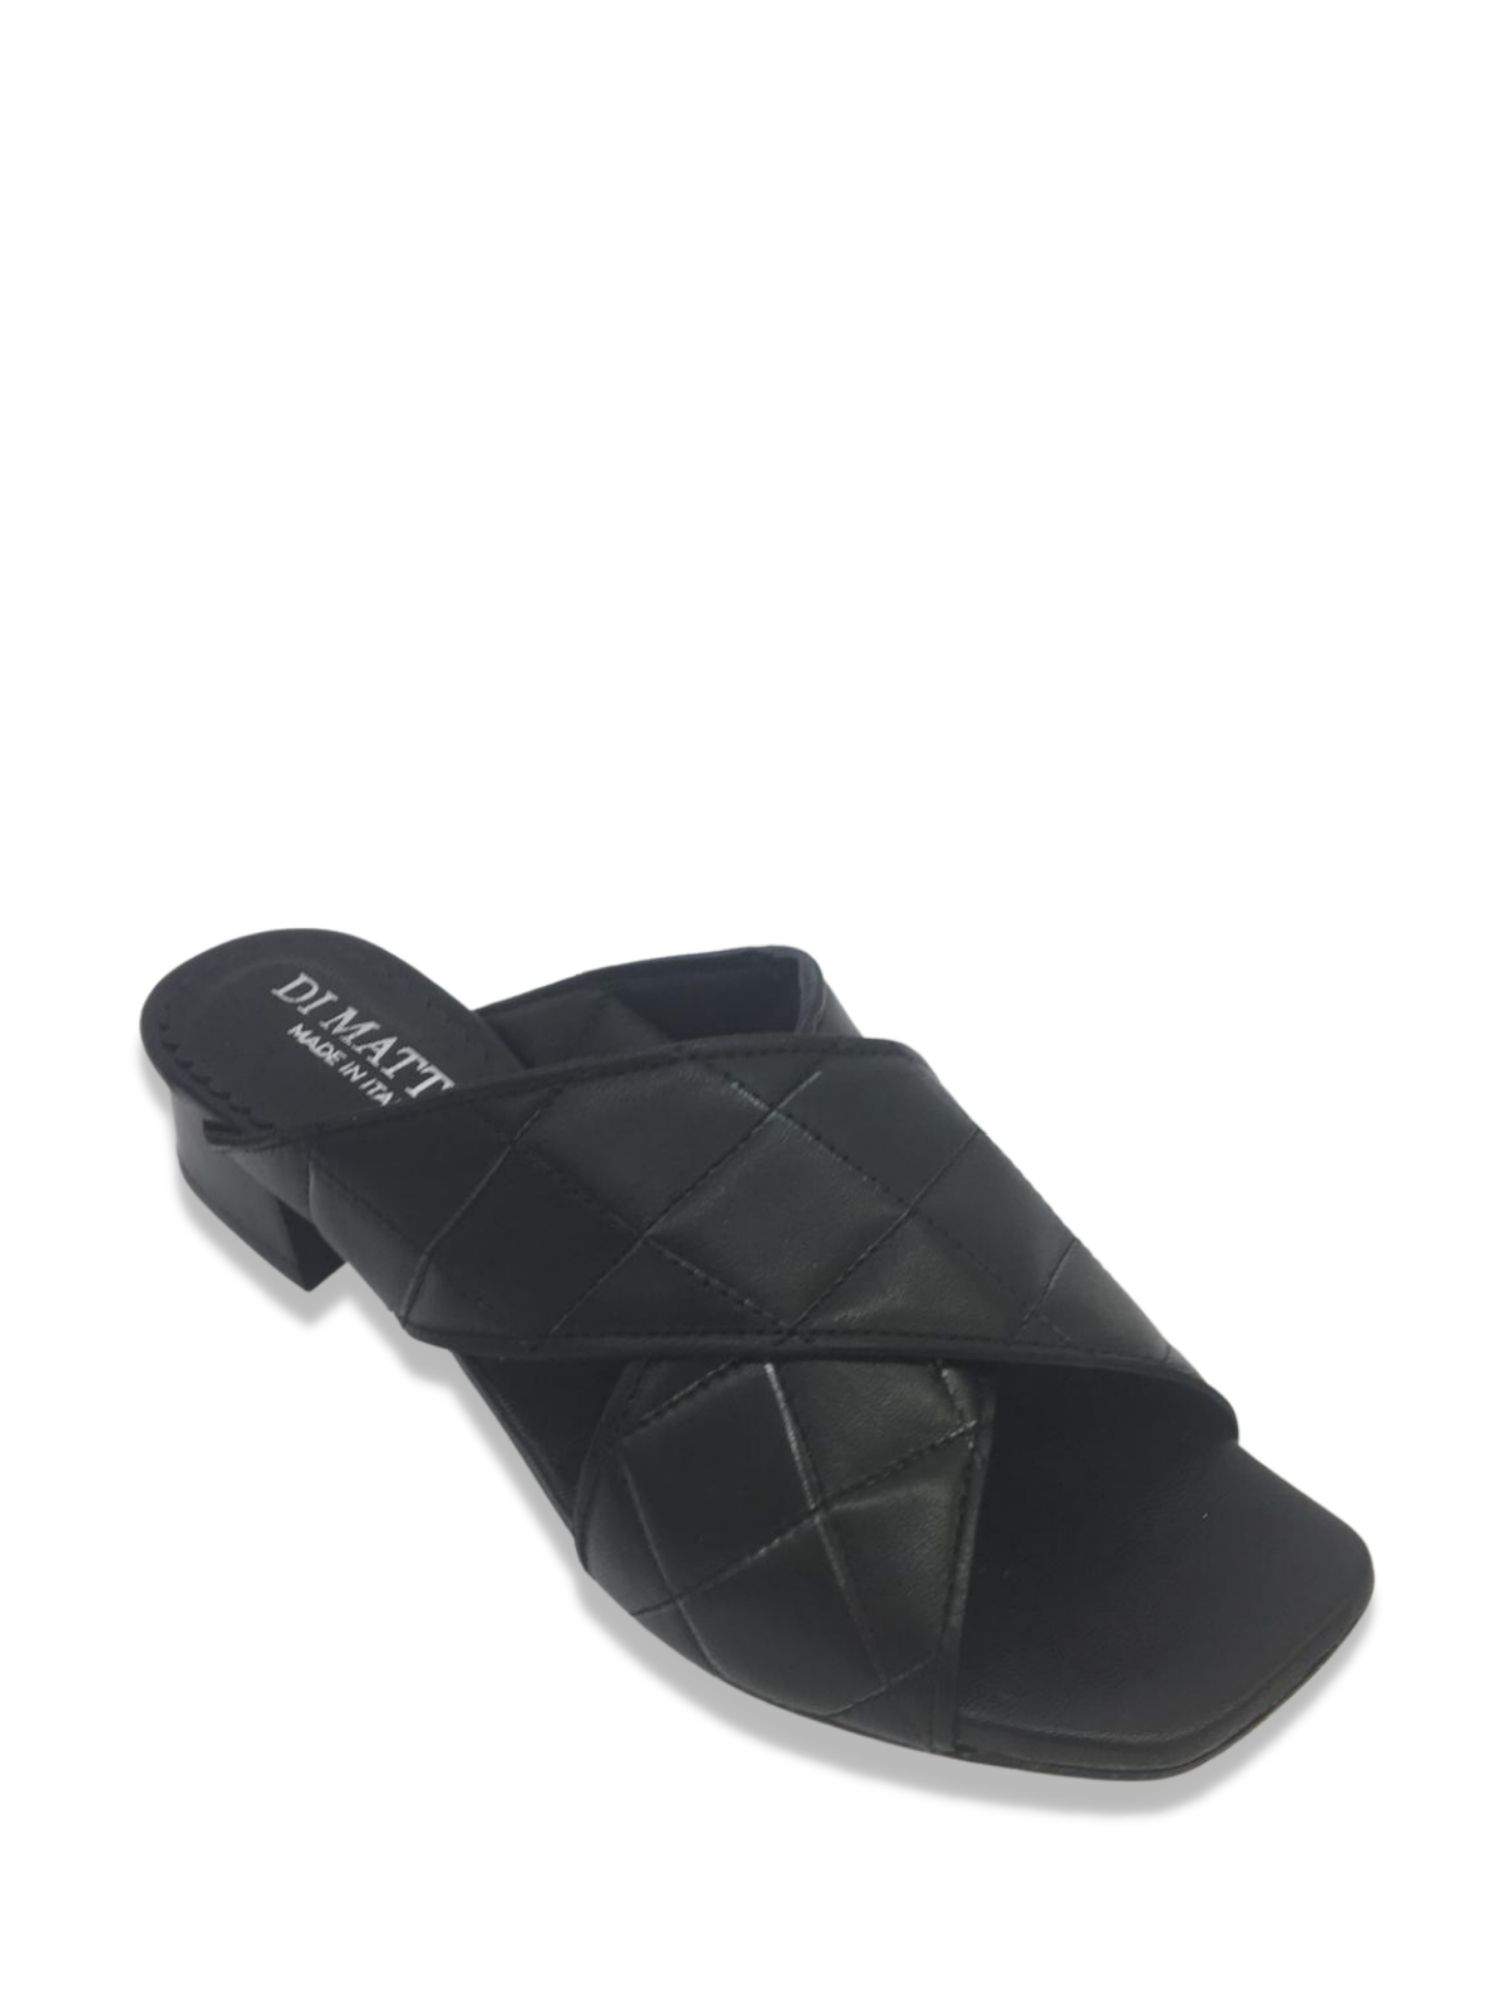 Sandalo scalzato Made in Italy 506 Nero alto 2